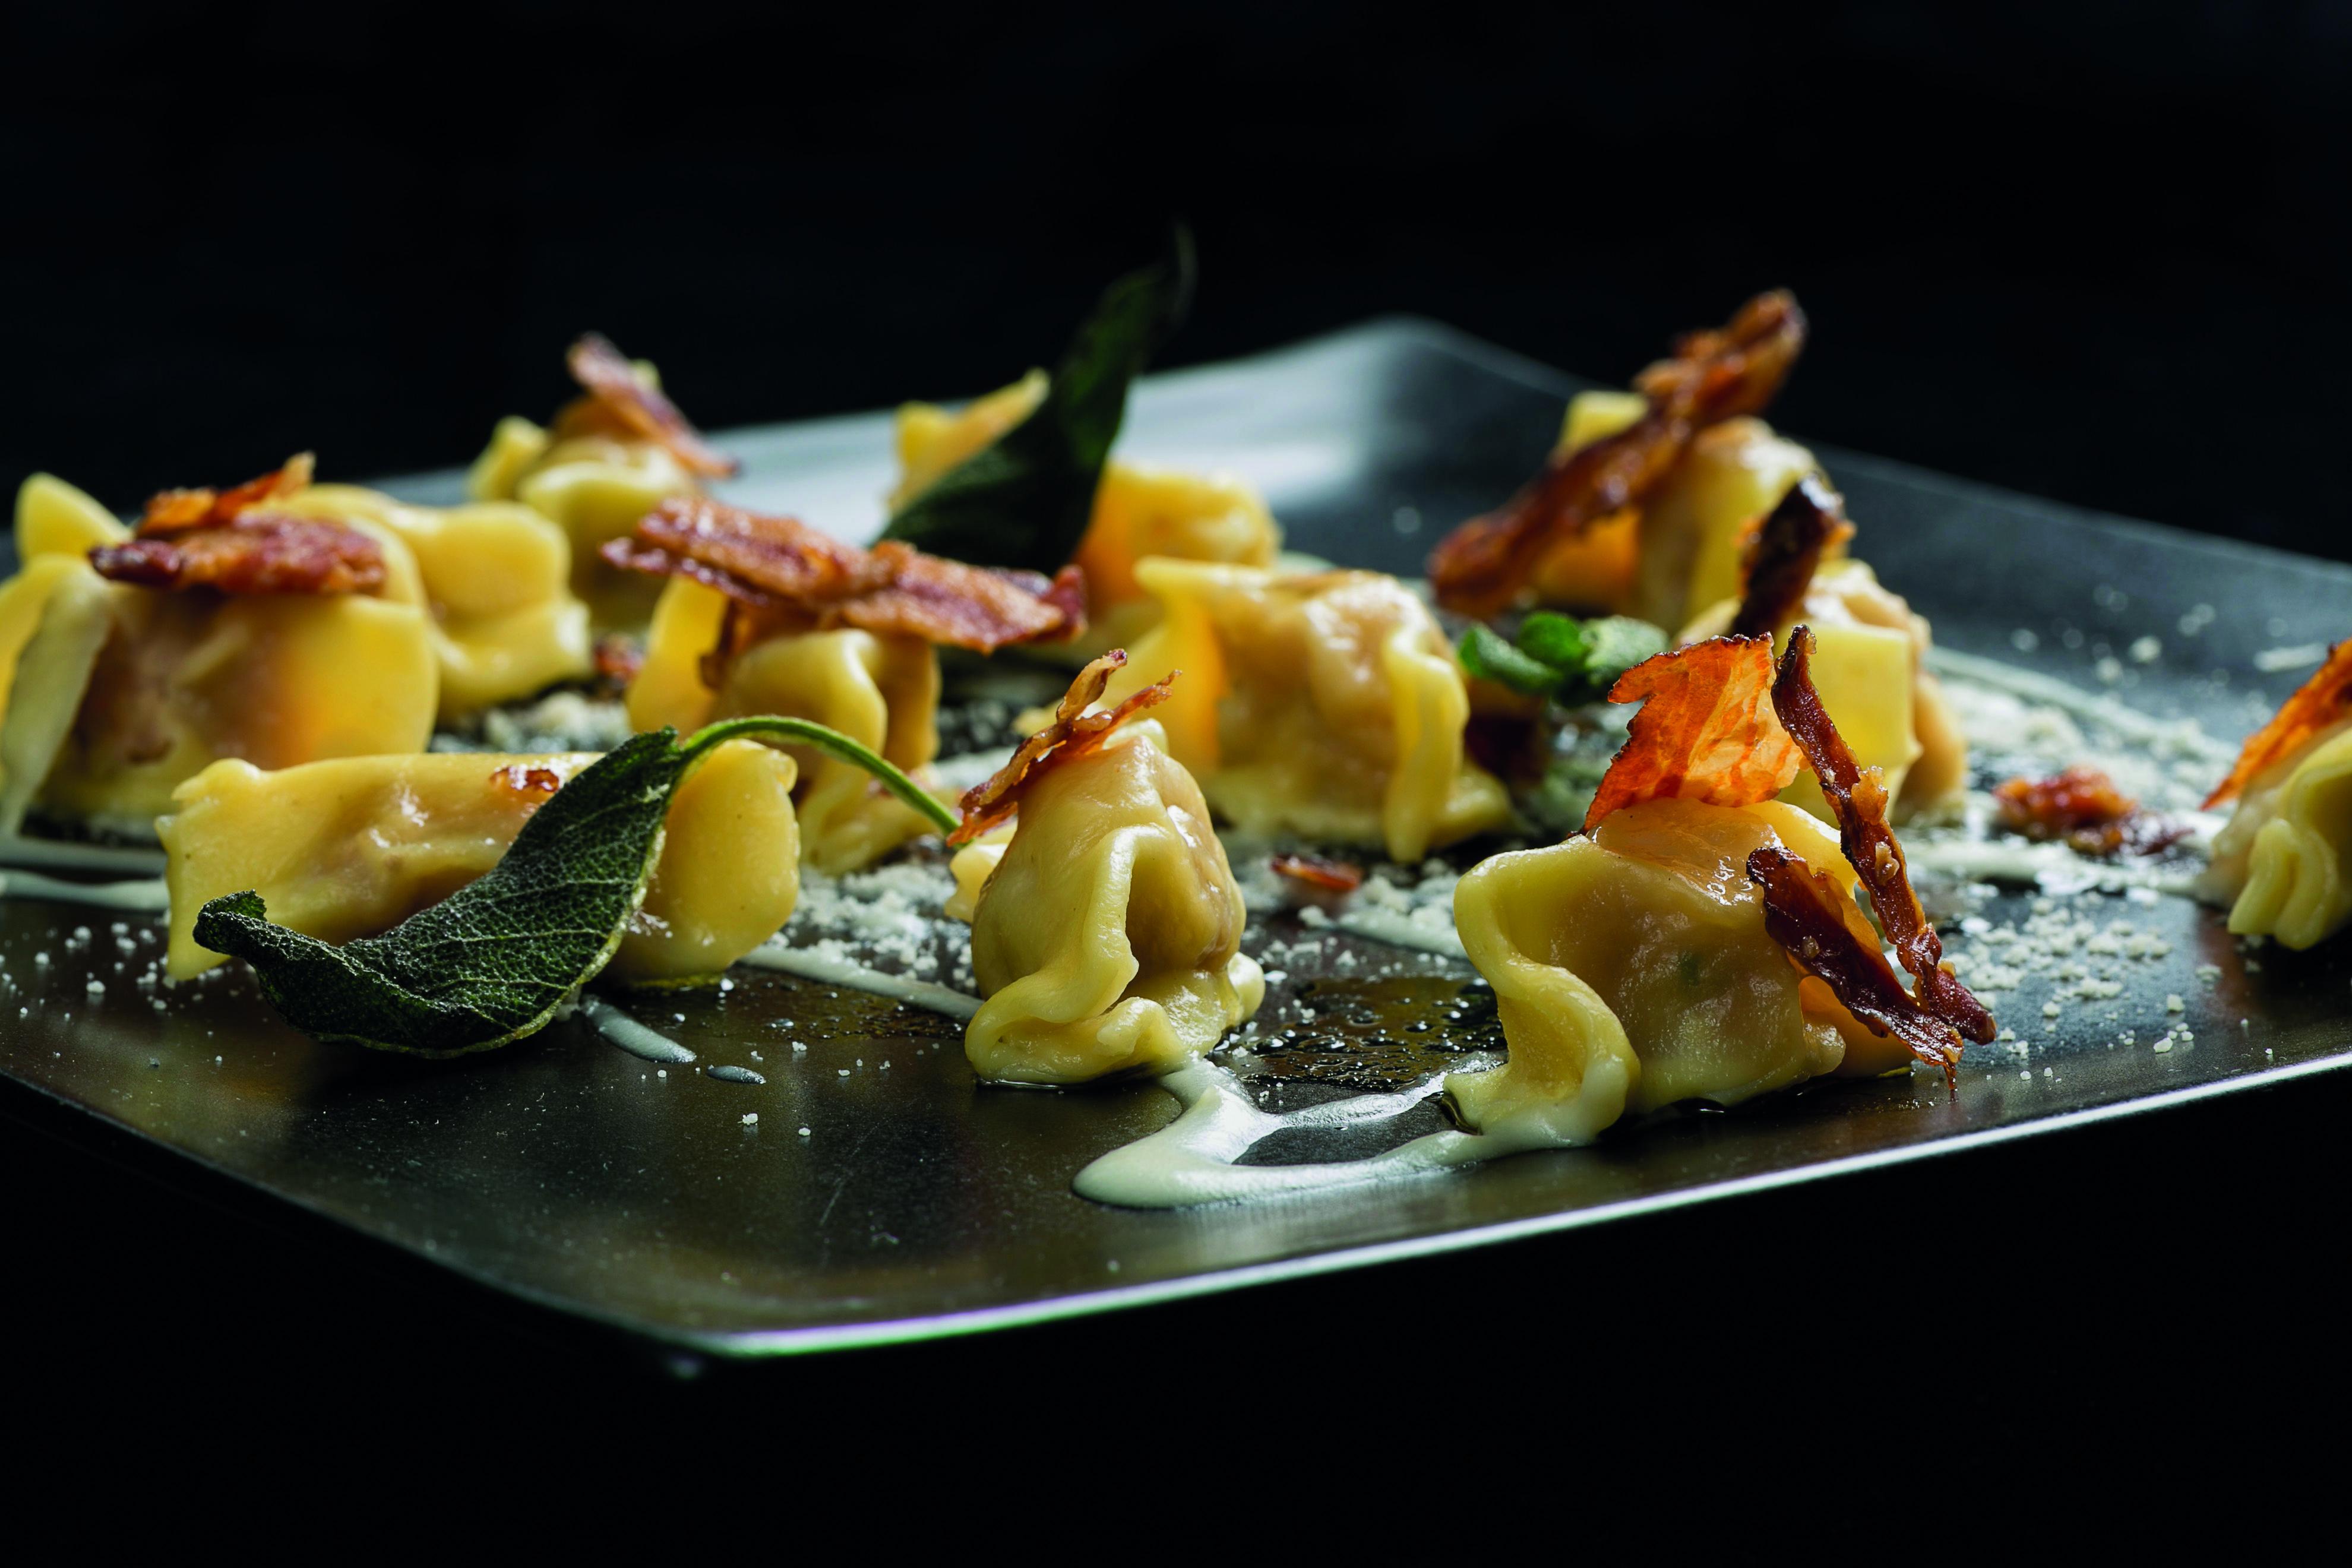 La nostra carta menù cambia: scopri tutti i piatti nuovi!